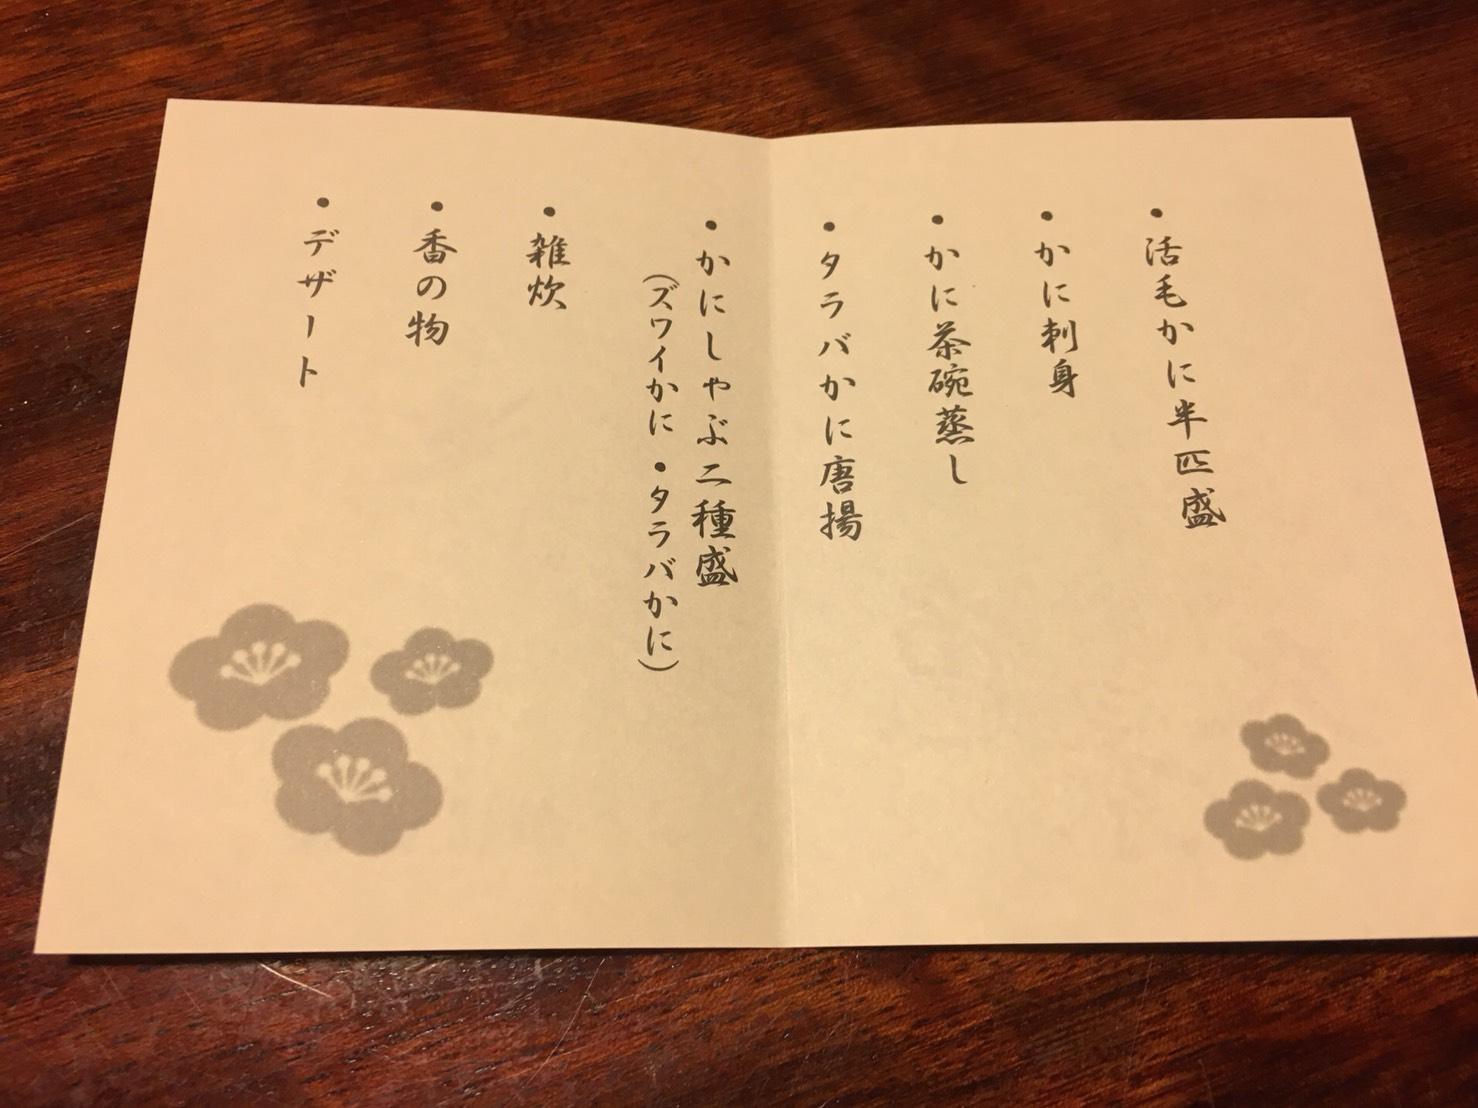 【新宿駅】贅の極み!蟹ざんまいで蟹に溺れる贅沢体験!豪華絢爛な「かに道楽」のかにしゃぶ会席冬景色のお品書き